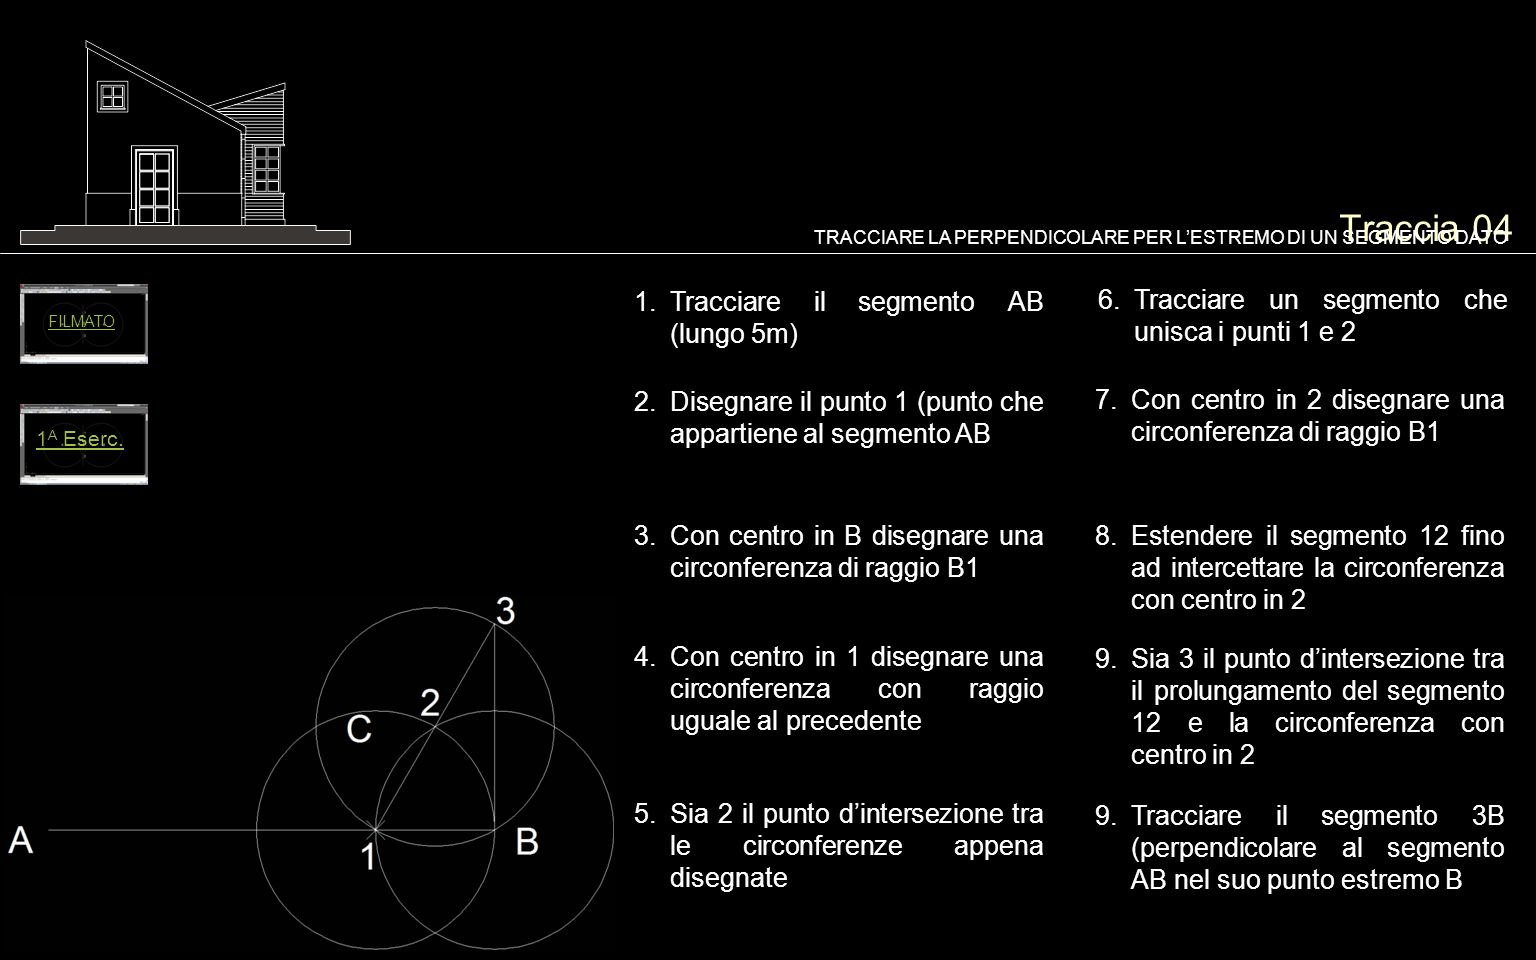 Traccia 04 Tracciare un segmento che unisca i punti 1 e 2